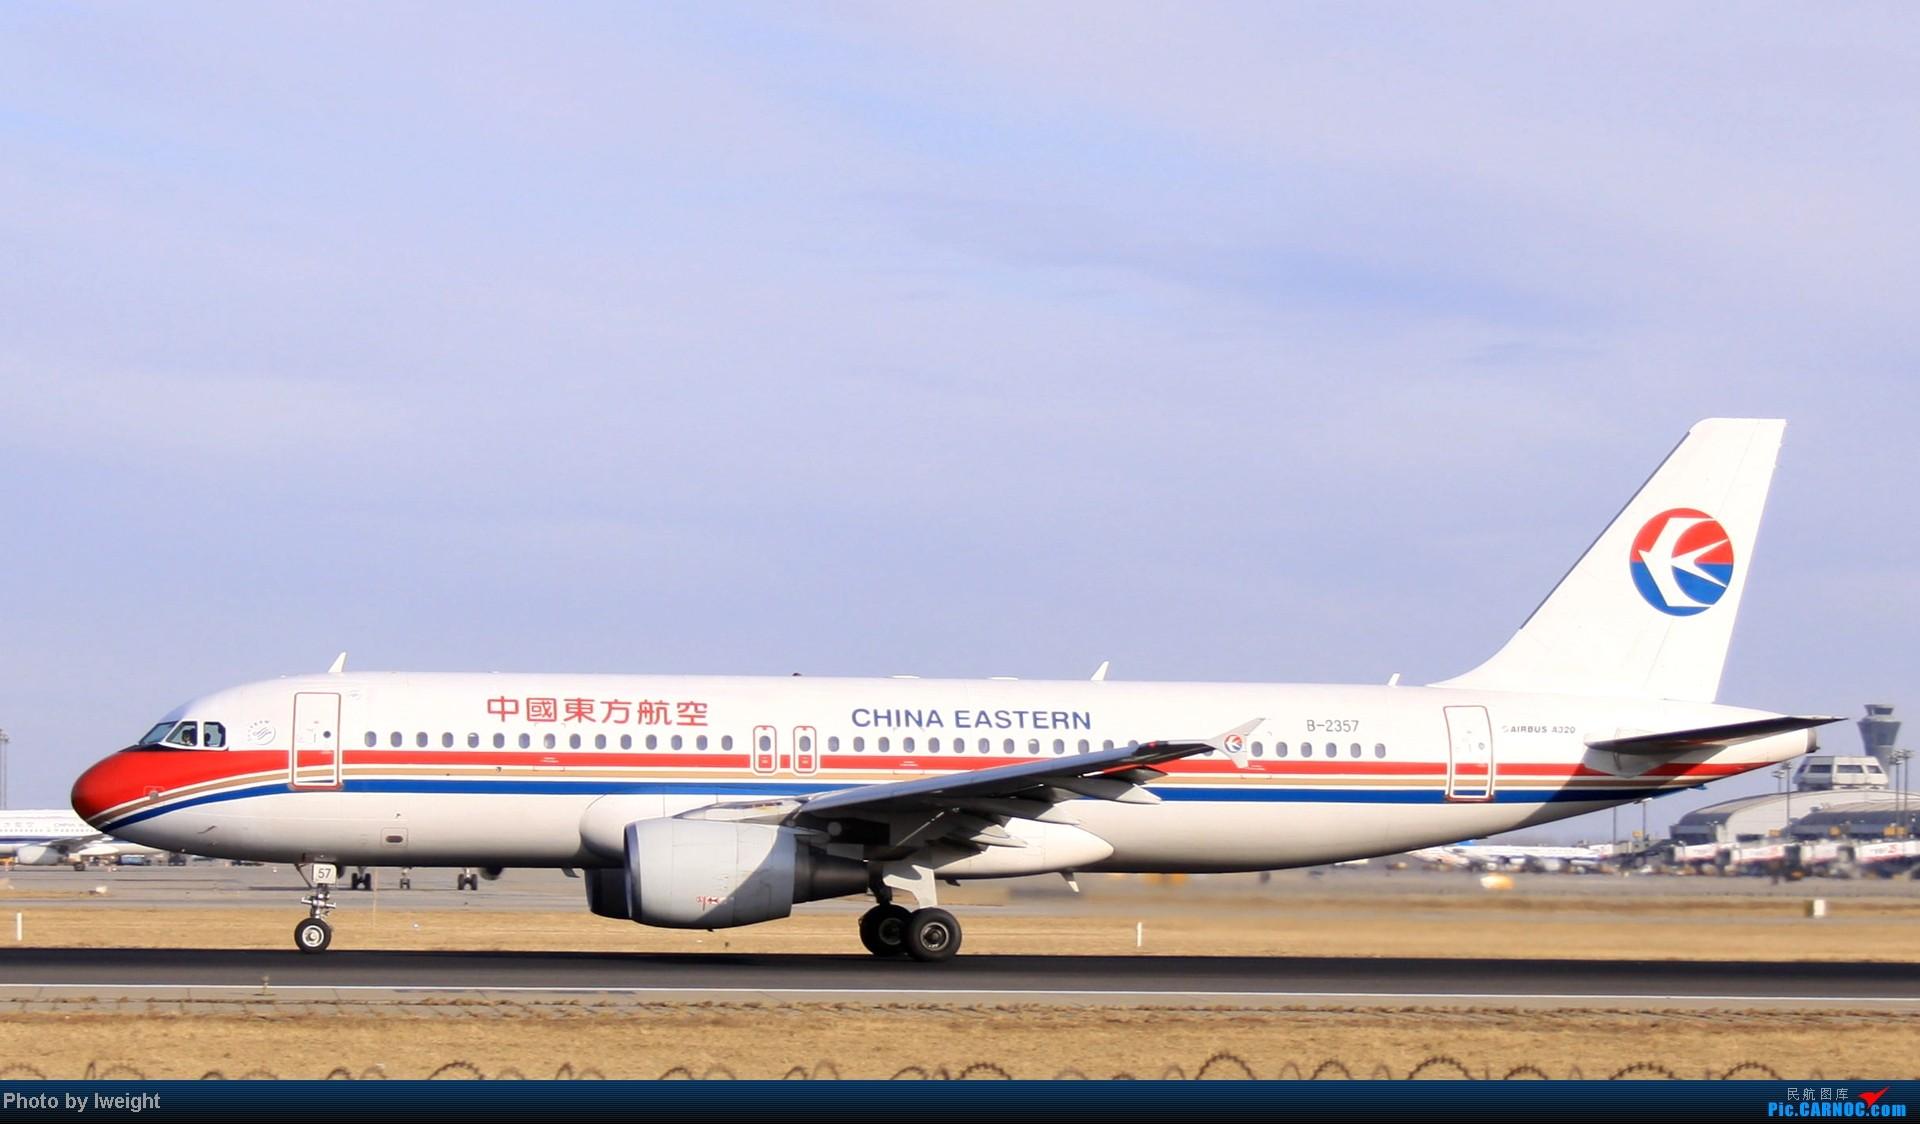 Re:[原创]今天下午瞎拍两个小时的杂图 AIRBUS A320-200 B-2357 中国北京首都机场